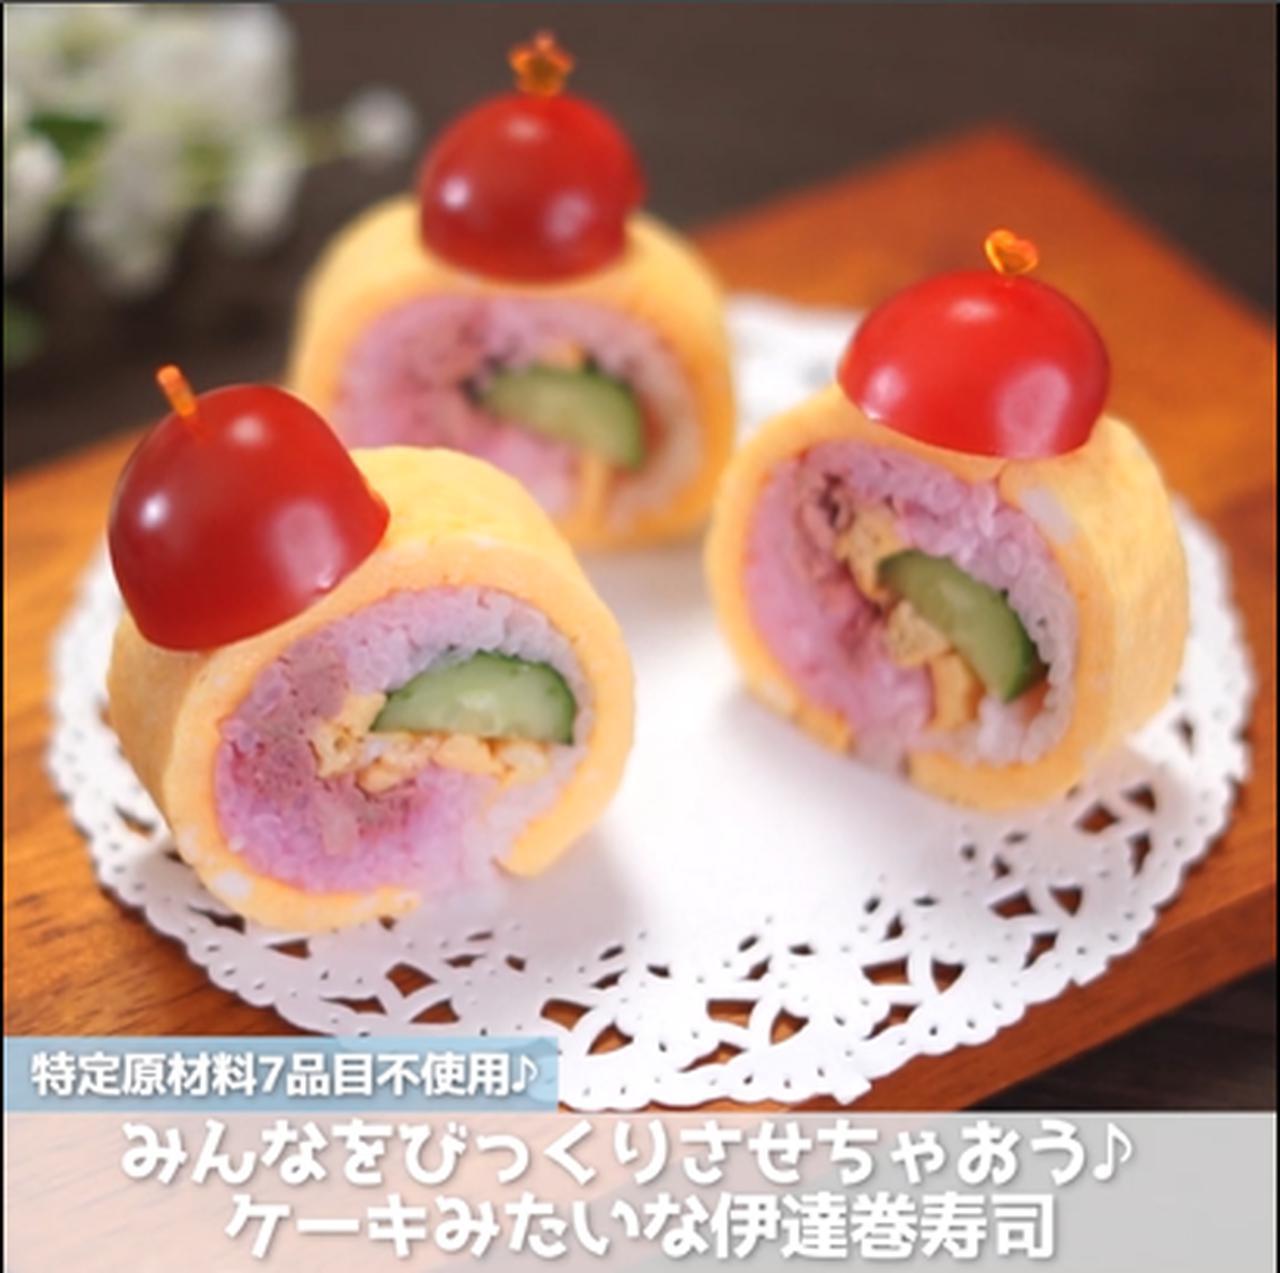 画像: みんなをびっくりさせちゃおう!ケーキみたいな伊達巻寿司 - 君とごはん